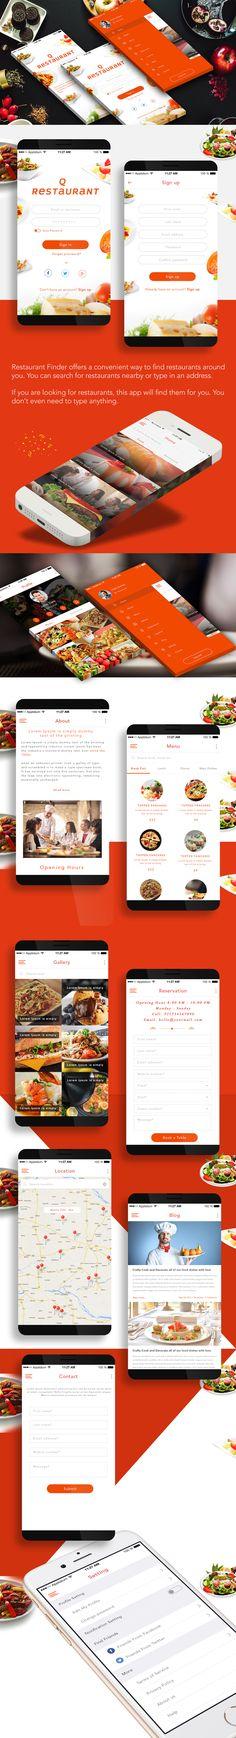 Q - Restaurant App on Behance